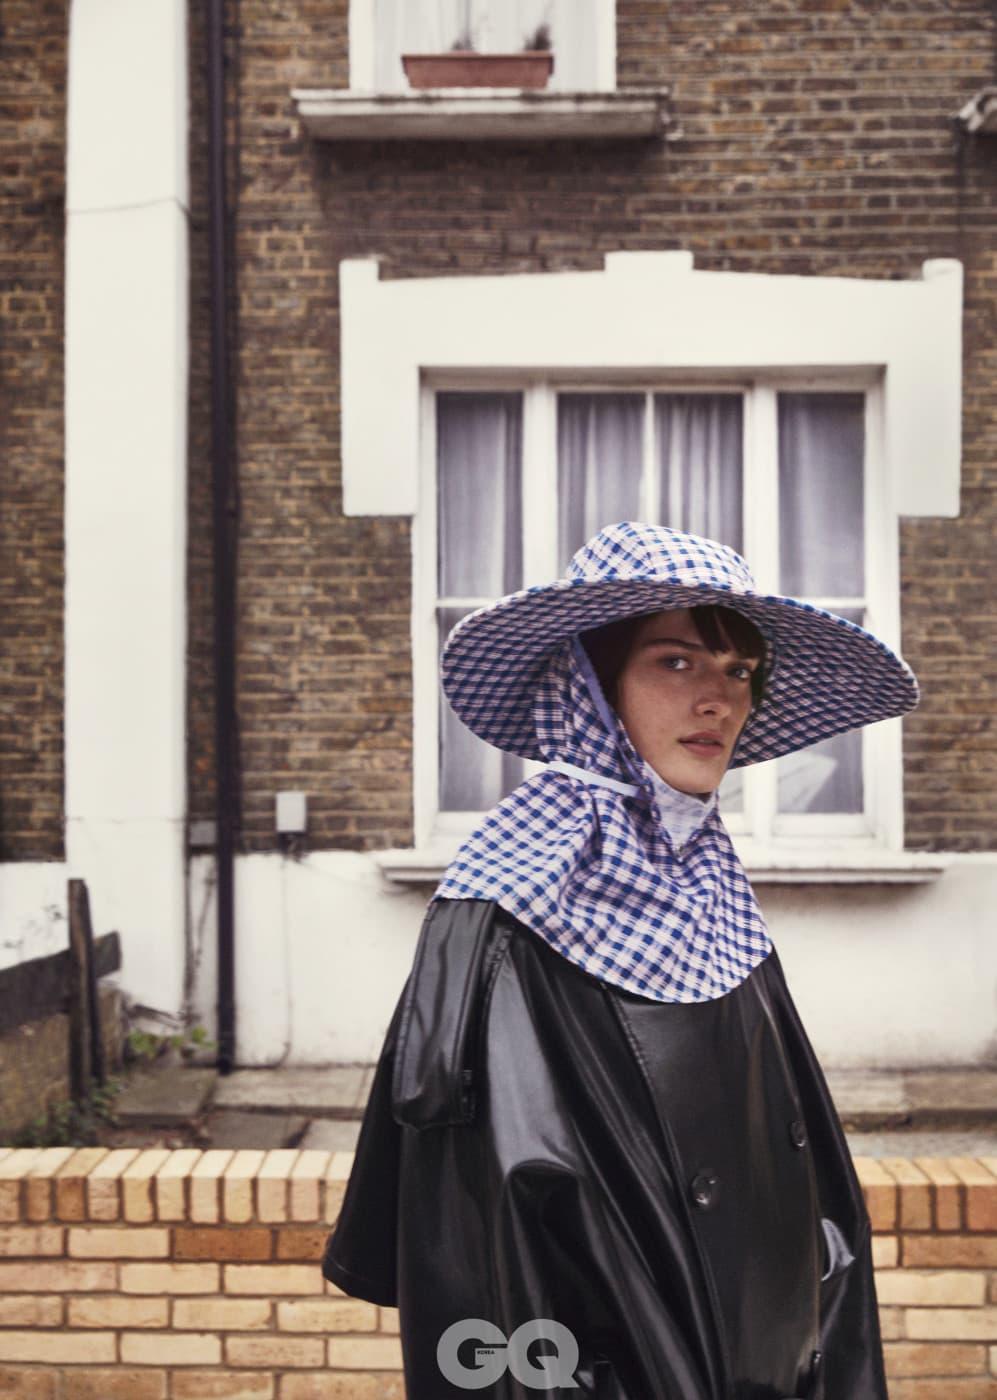 모자 가격 미정, 코트 €1,958, 모두 라프 시몬스.